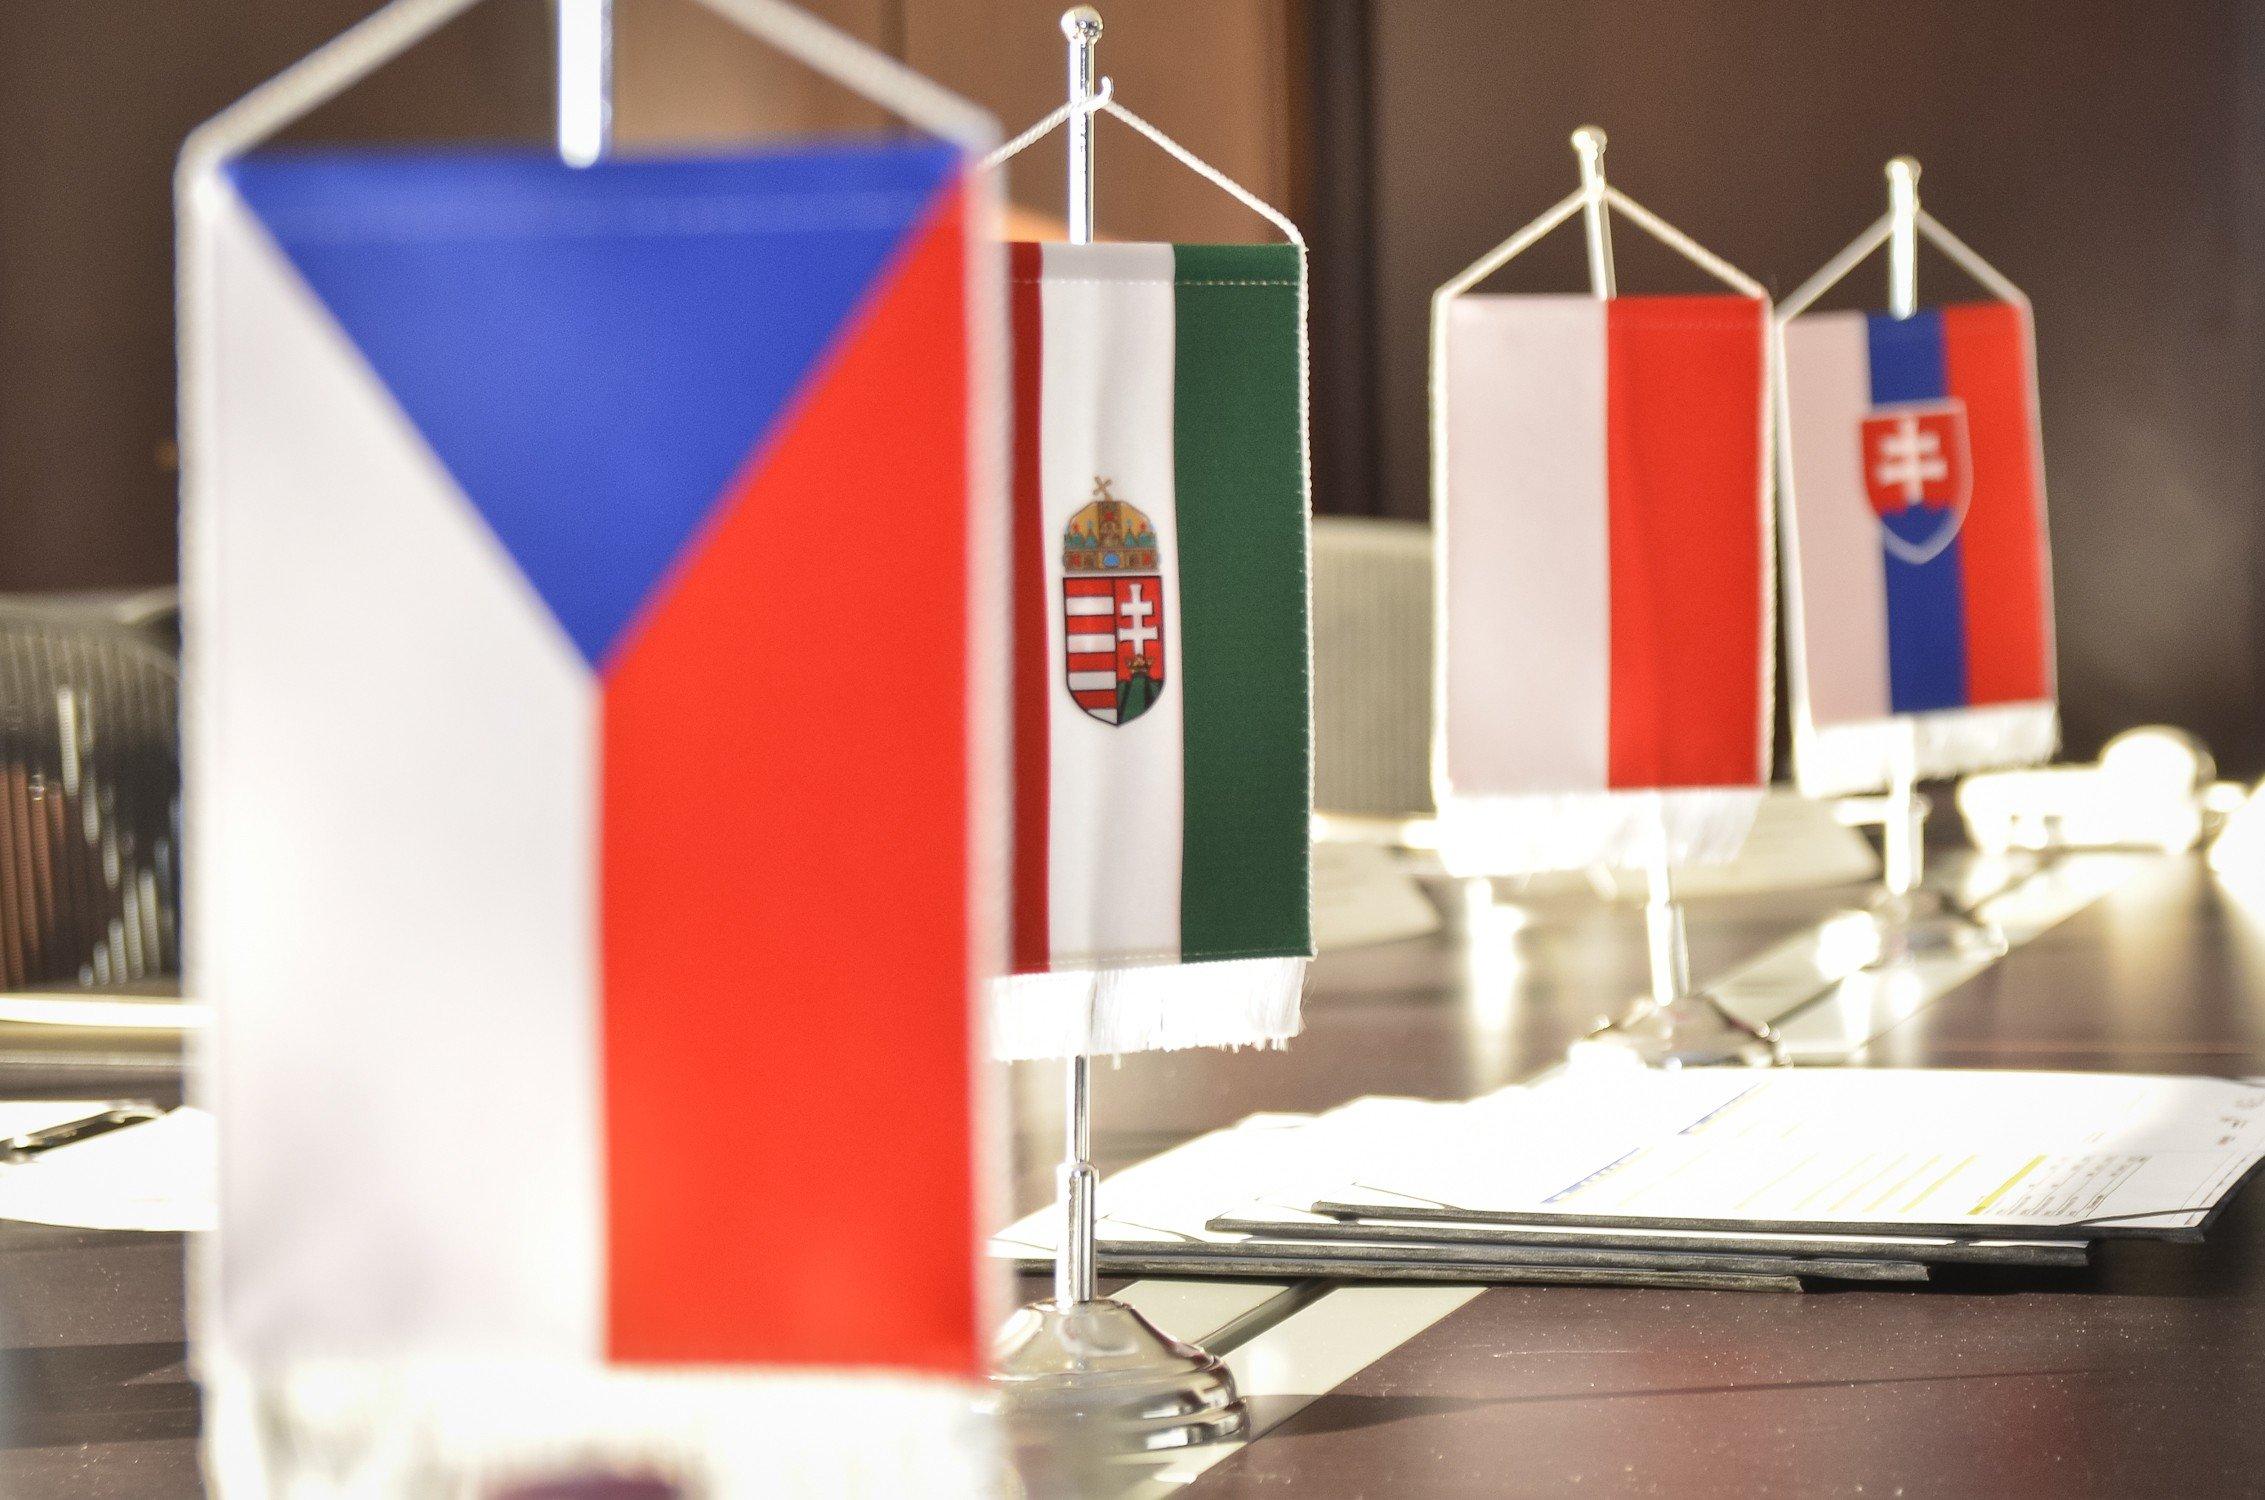 Kétnapos tanácskozást tartanak mától a visegrádi országok államfői Szekszárdon